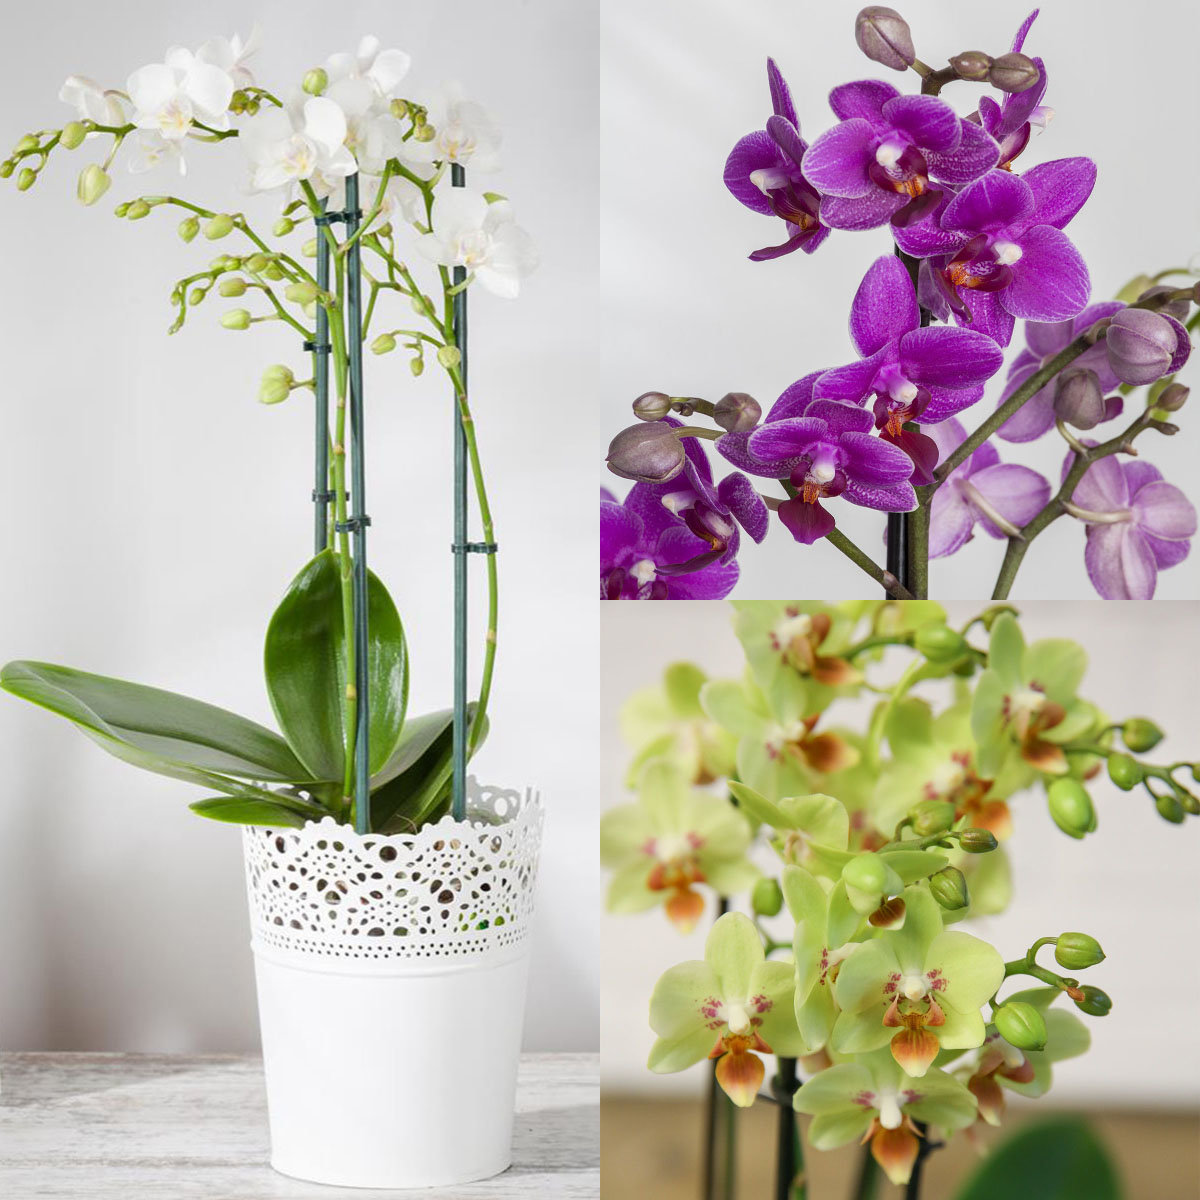 Zimmerpflanzen-Sortiment Orchideenzauber